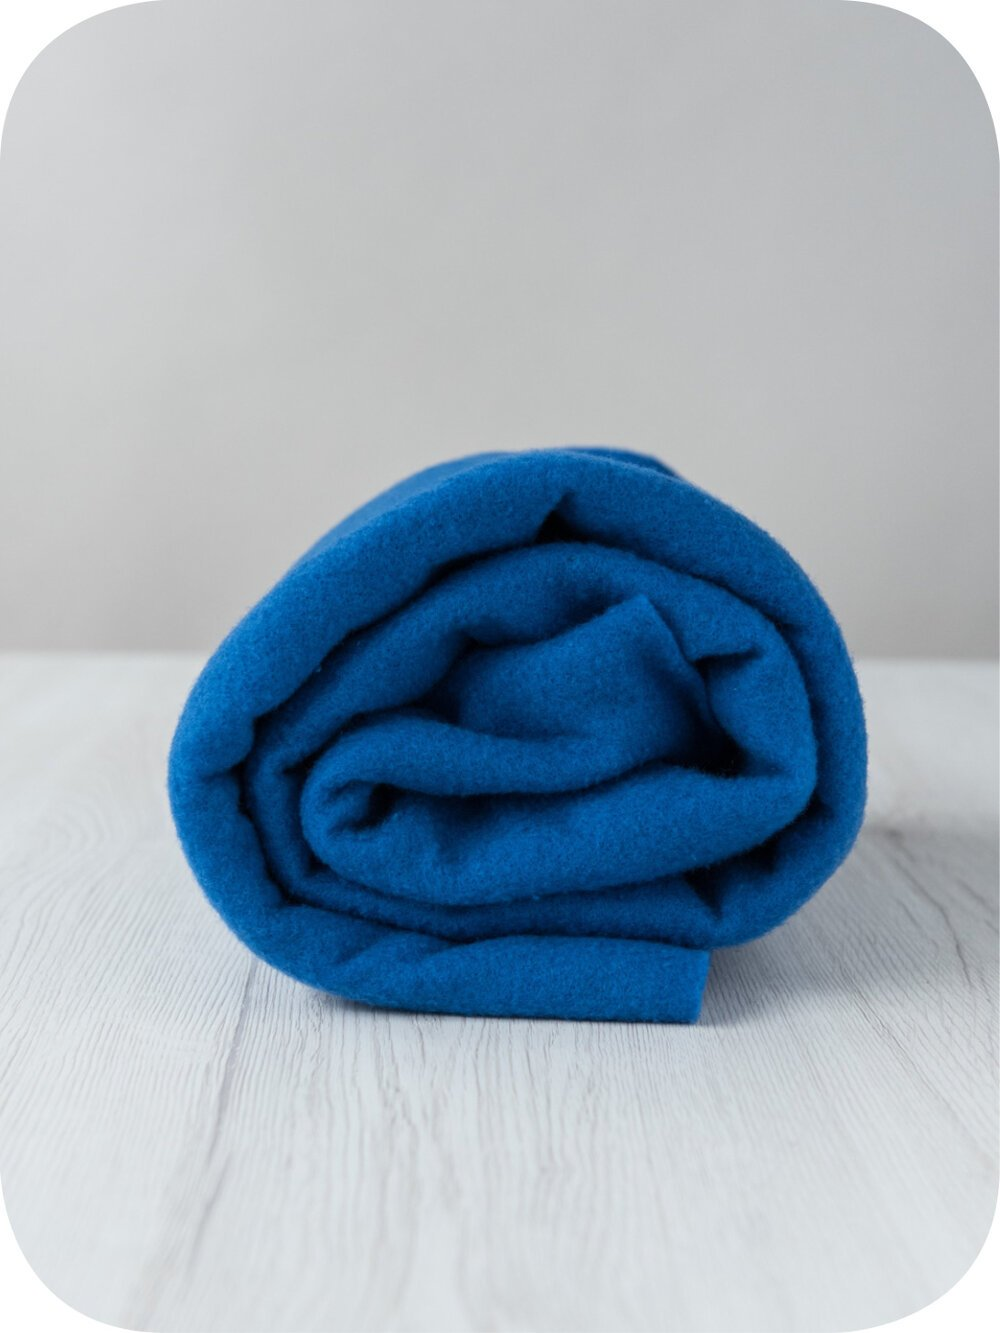 Pre-felt thin wool fabric